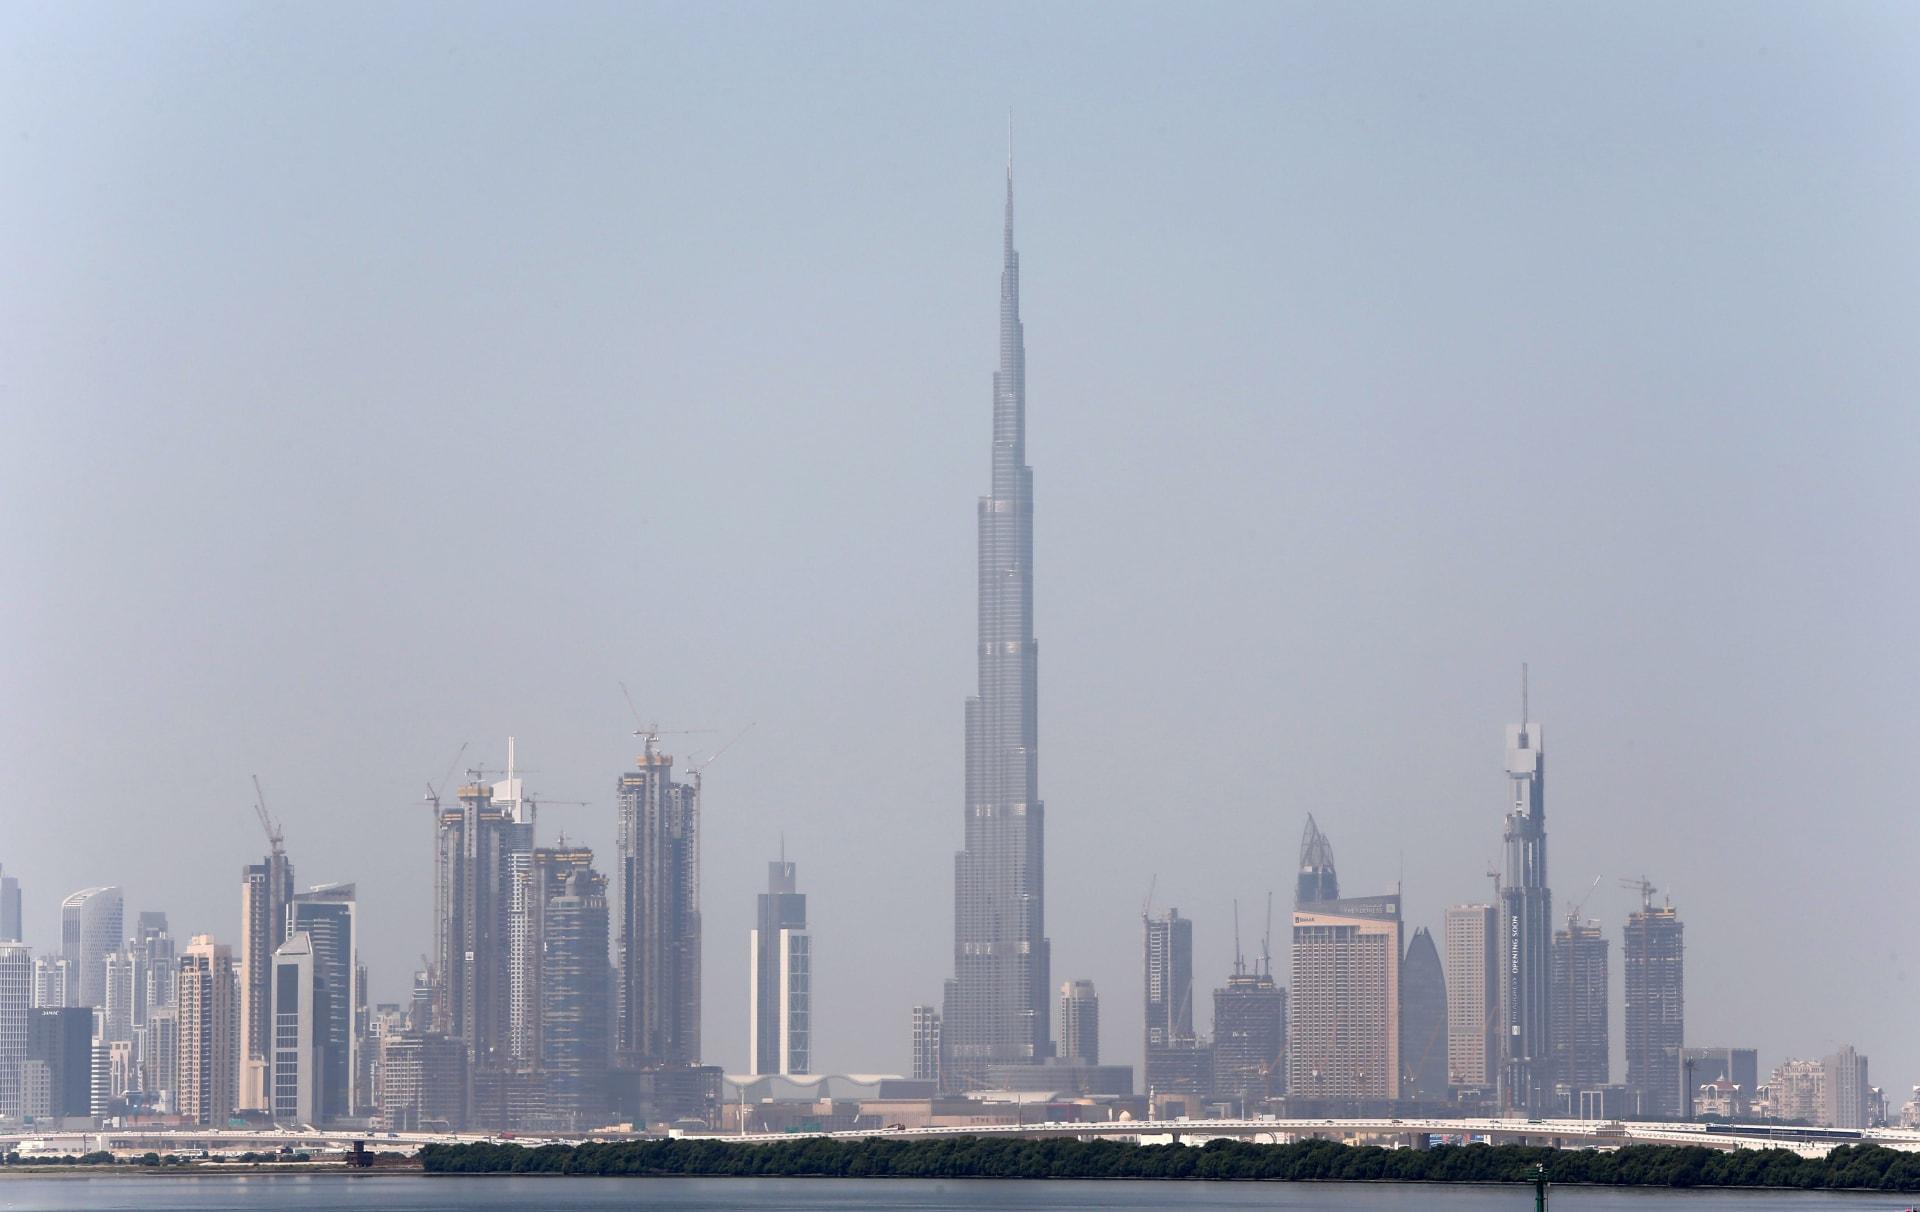 ماذا يتوقع صندوق النقد الدولي للاقتصاد الإماراتي في 2019؟